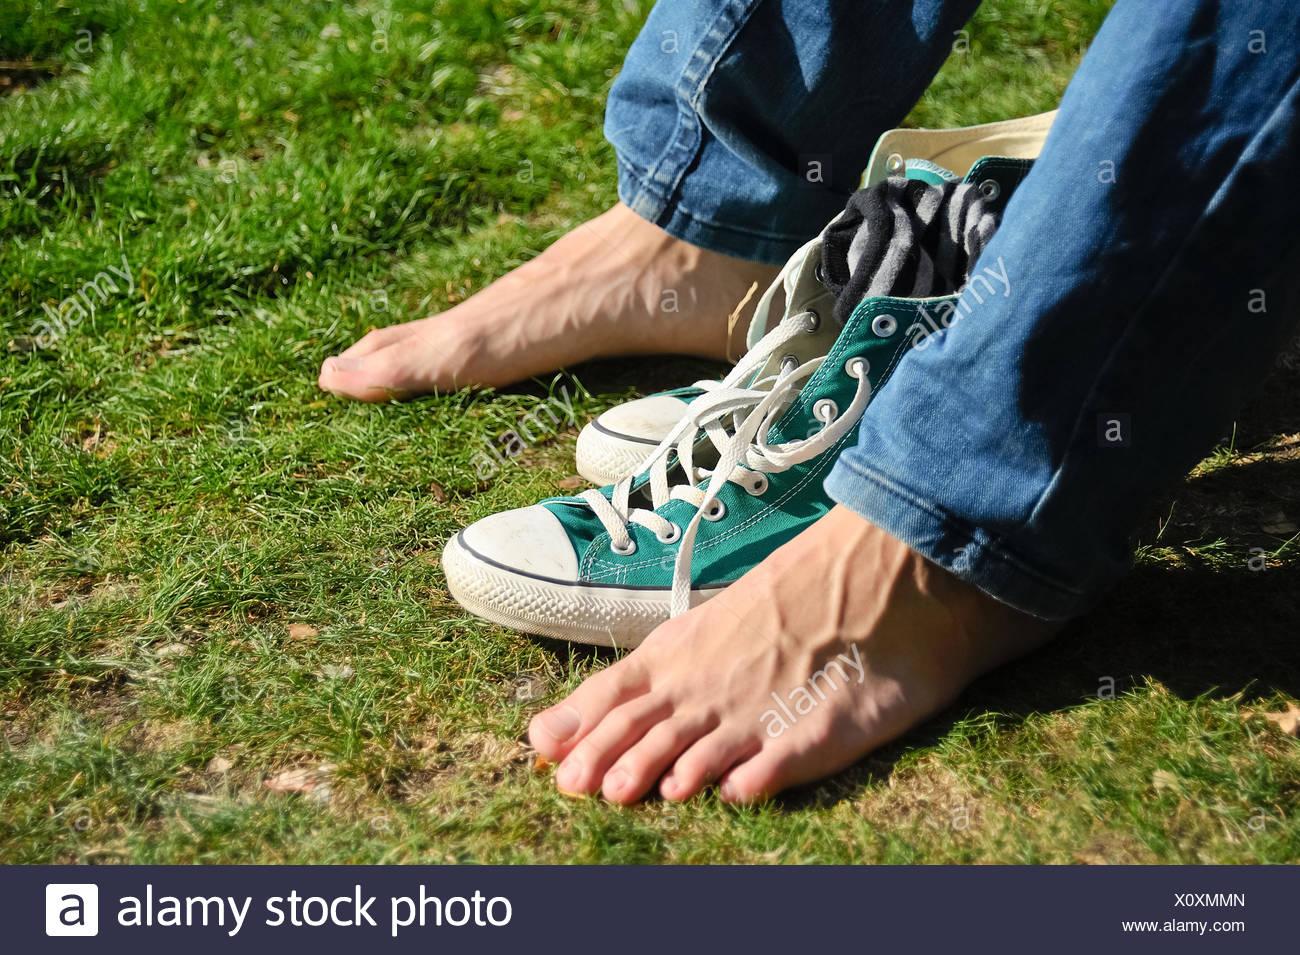 5aae2144edf8c7 Nackt und barfuß Schuhe Stockfoto